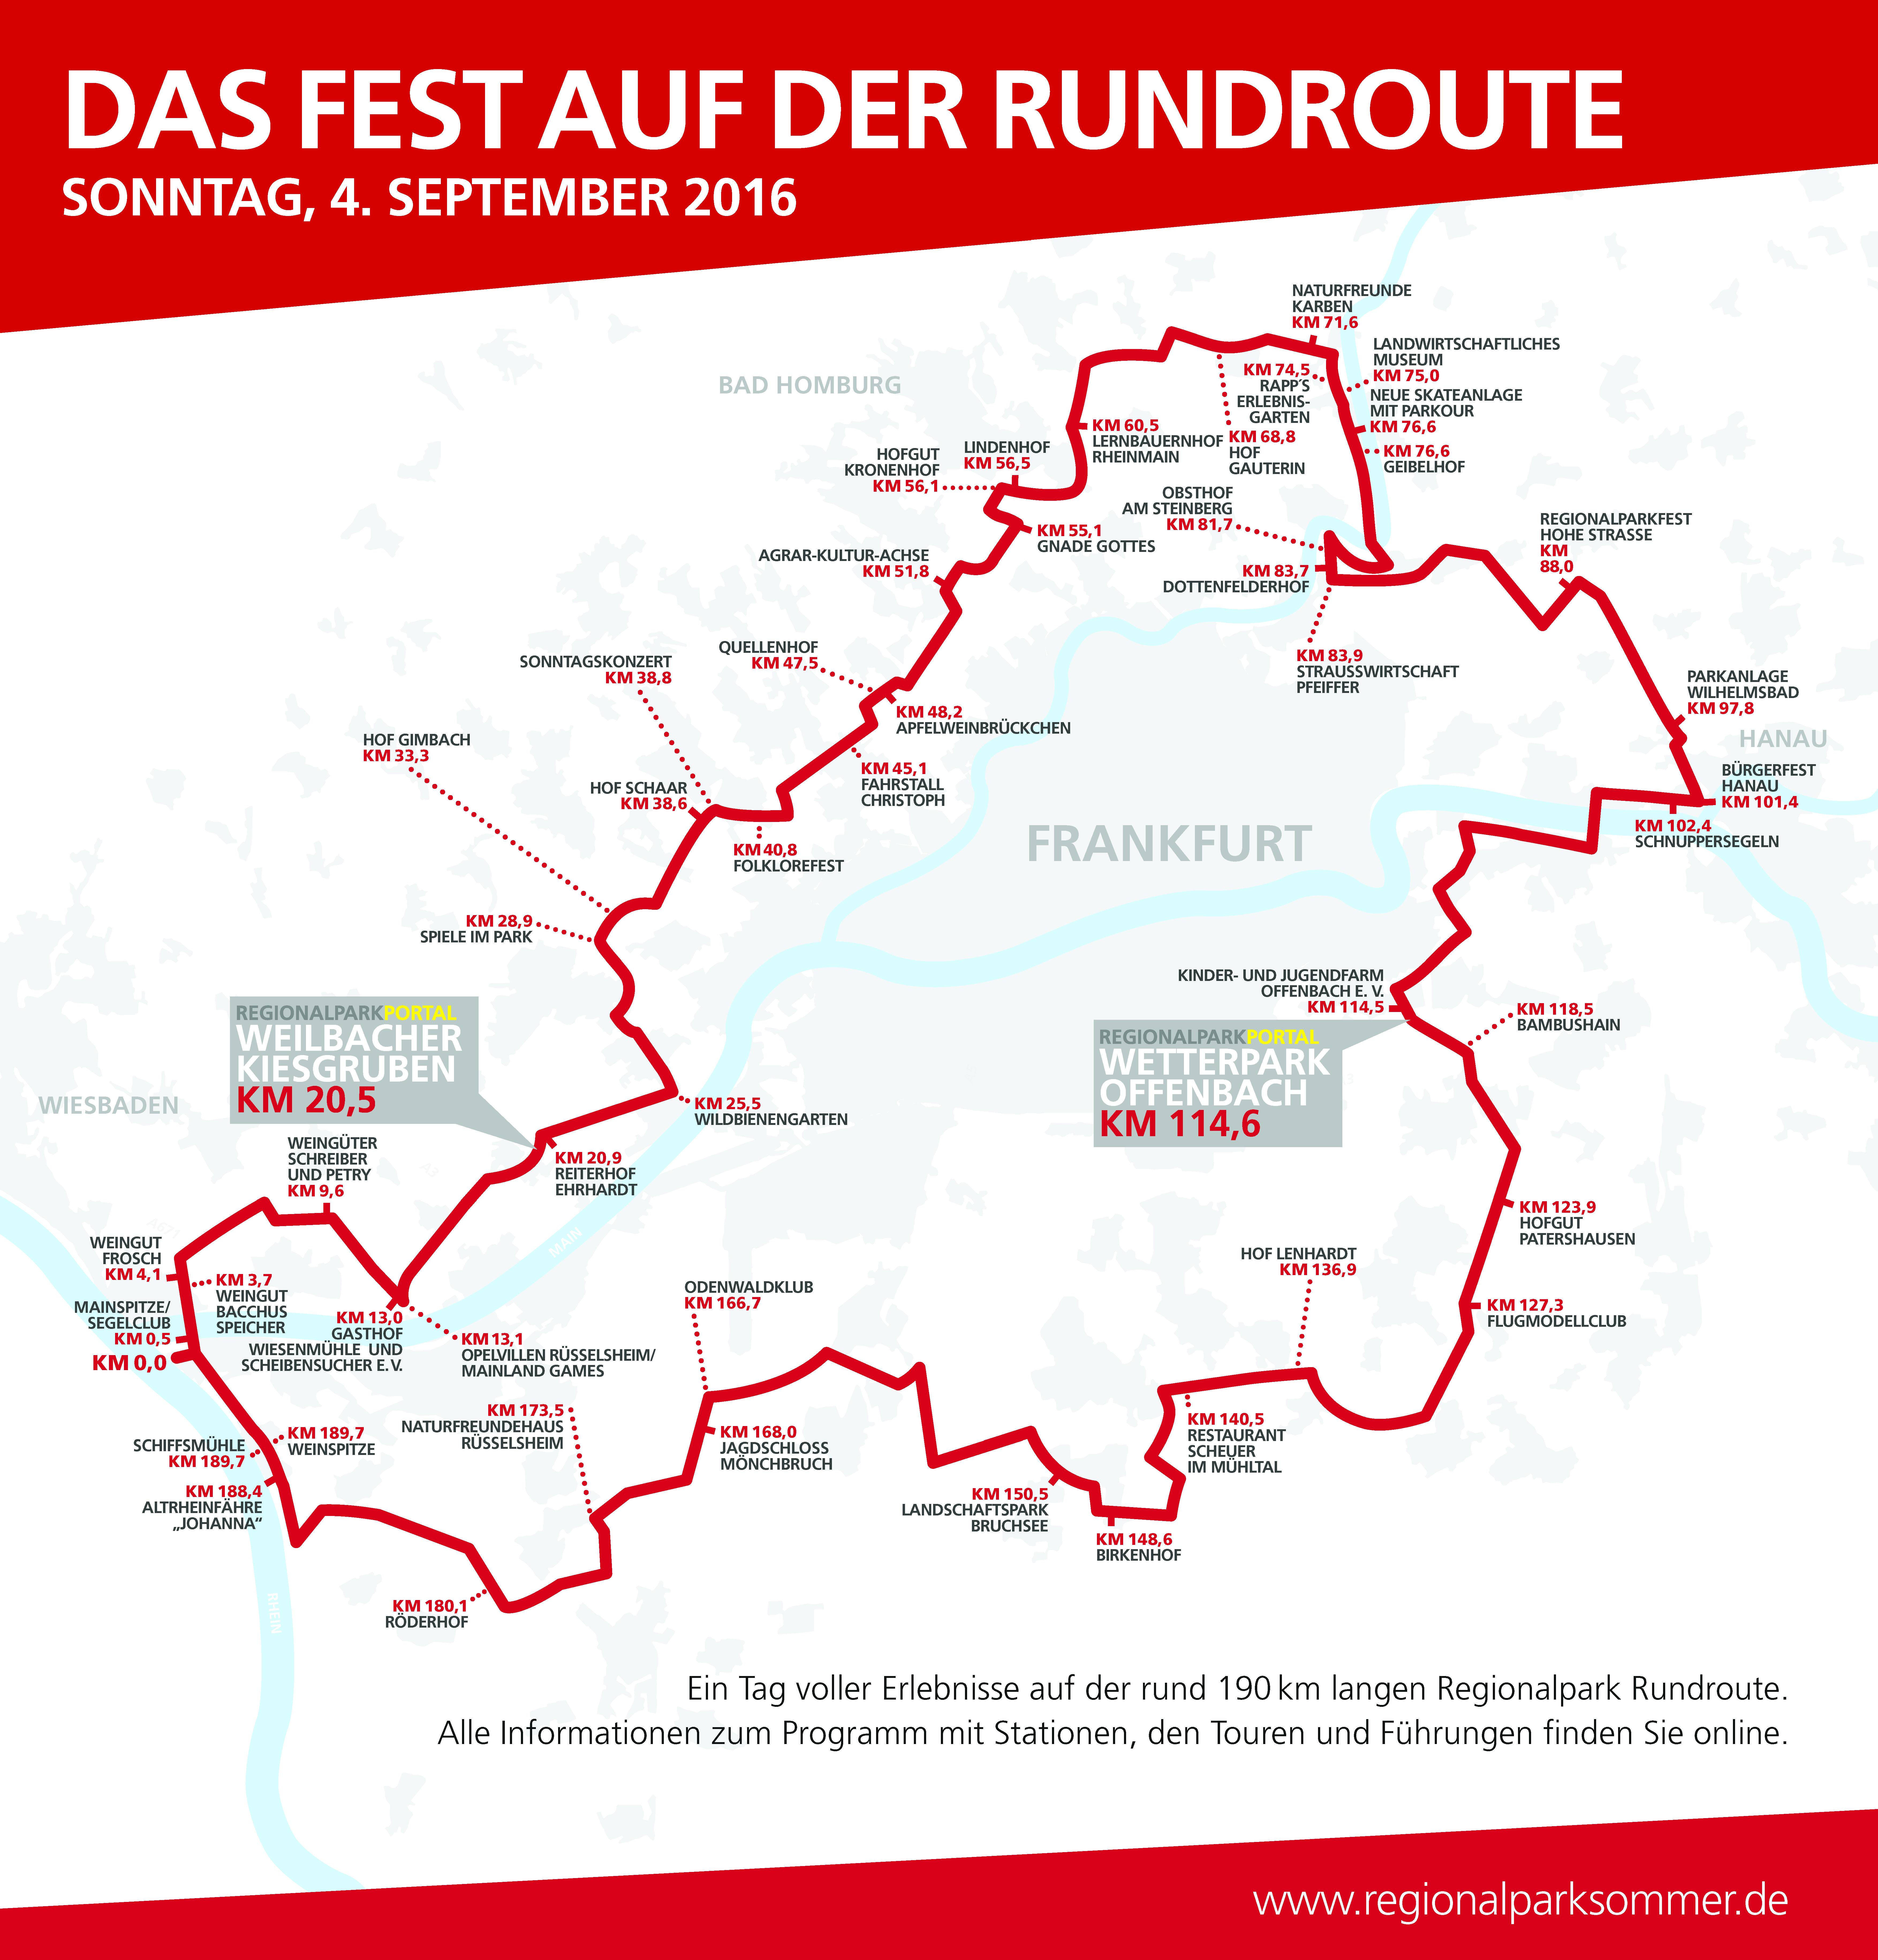 Regionalpark Rundroutenfest Auch Konigstein Ist Dabei Stadt